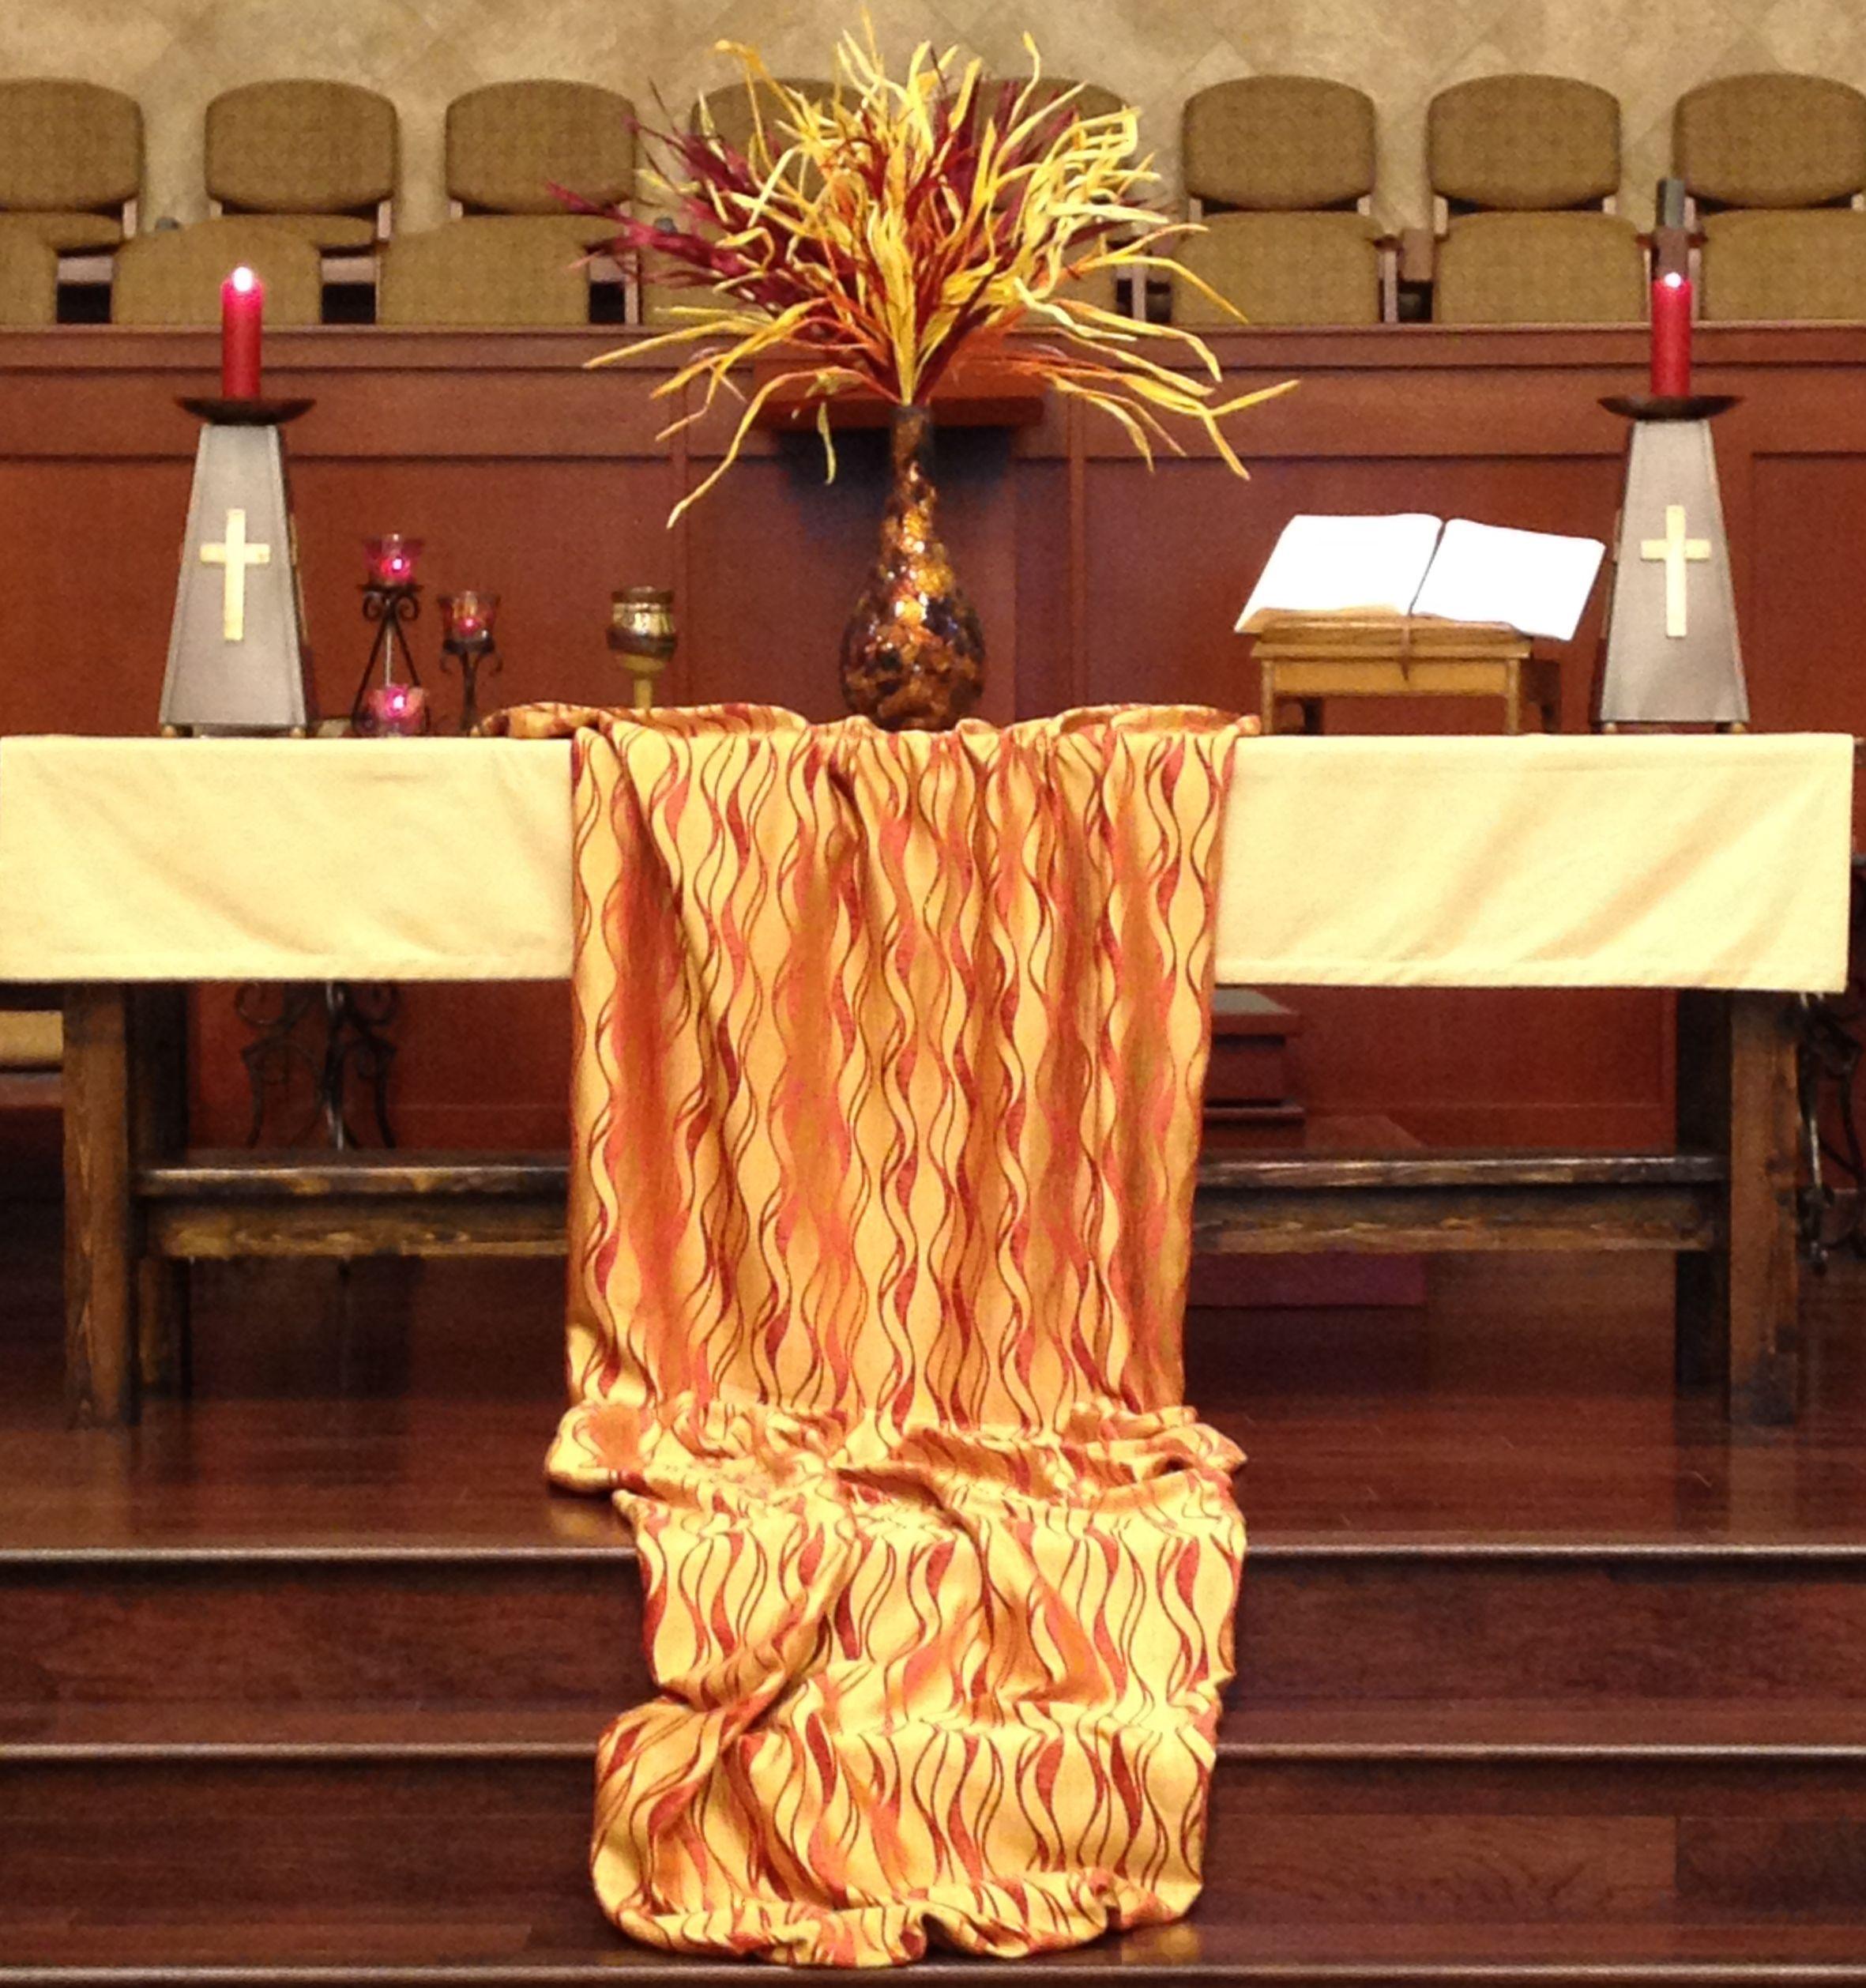 Flower Arrangements For Church Sanctuary: Pentecost Sanctuary Altar 2014, Grace Avenue UMC, Frisco